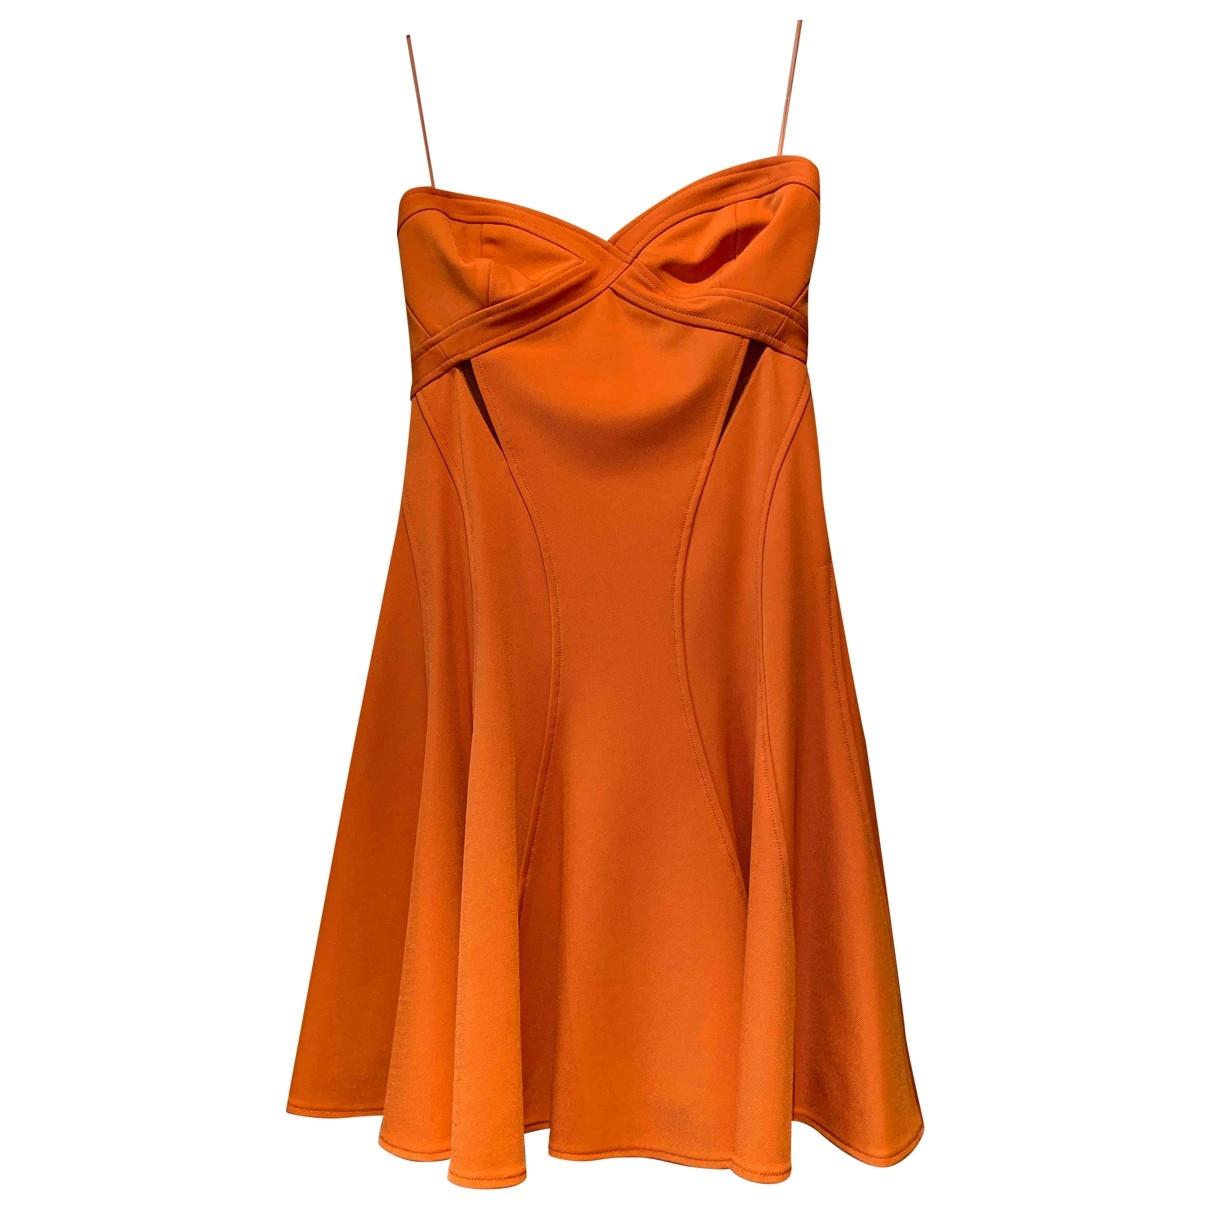 Zac Posen - Robe   pour femme - orange